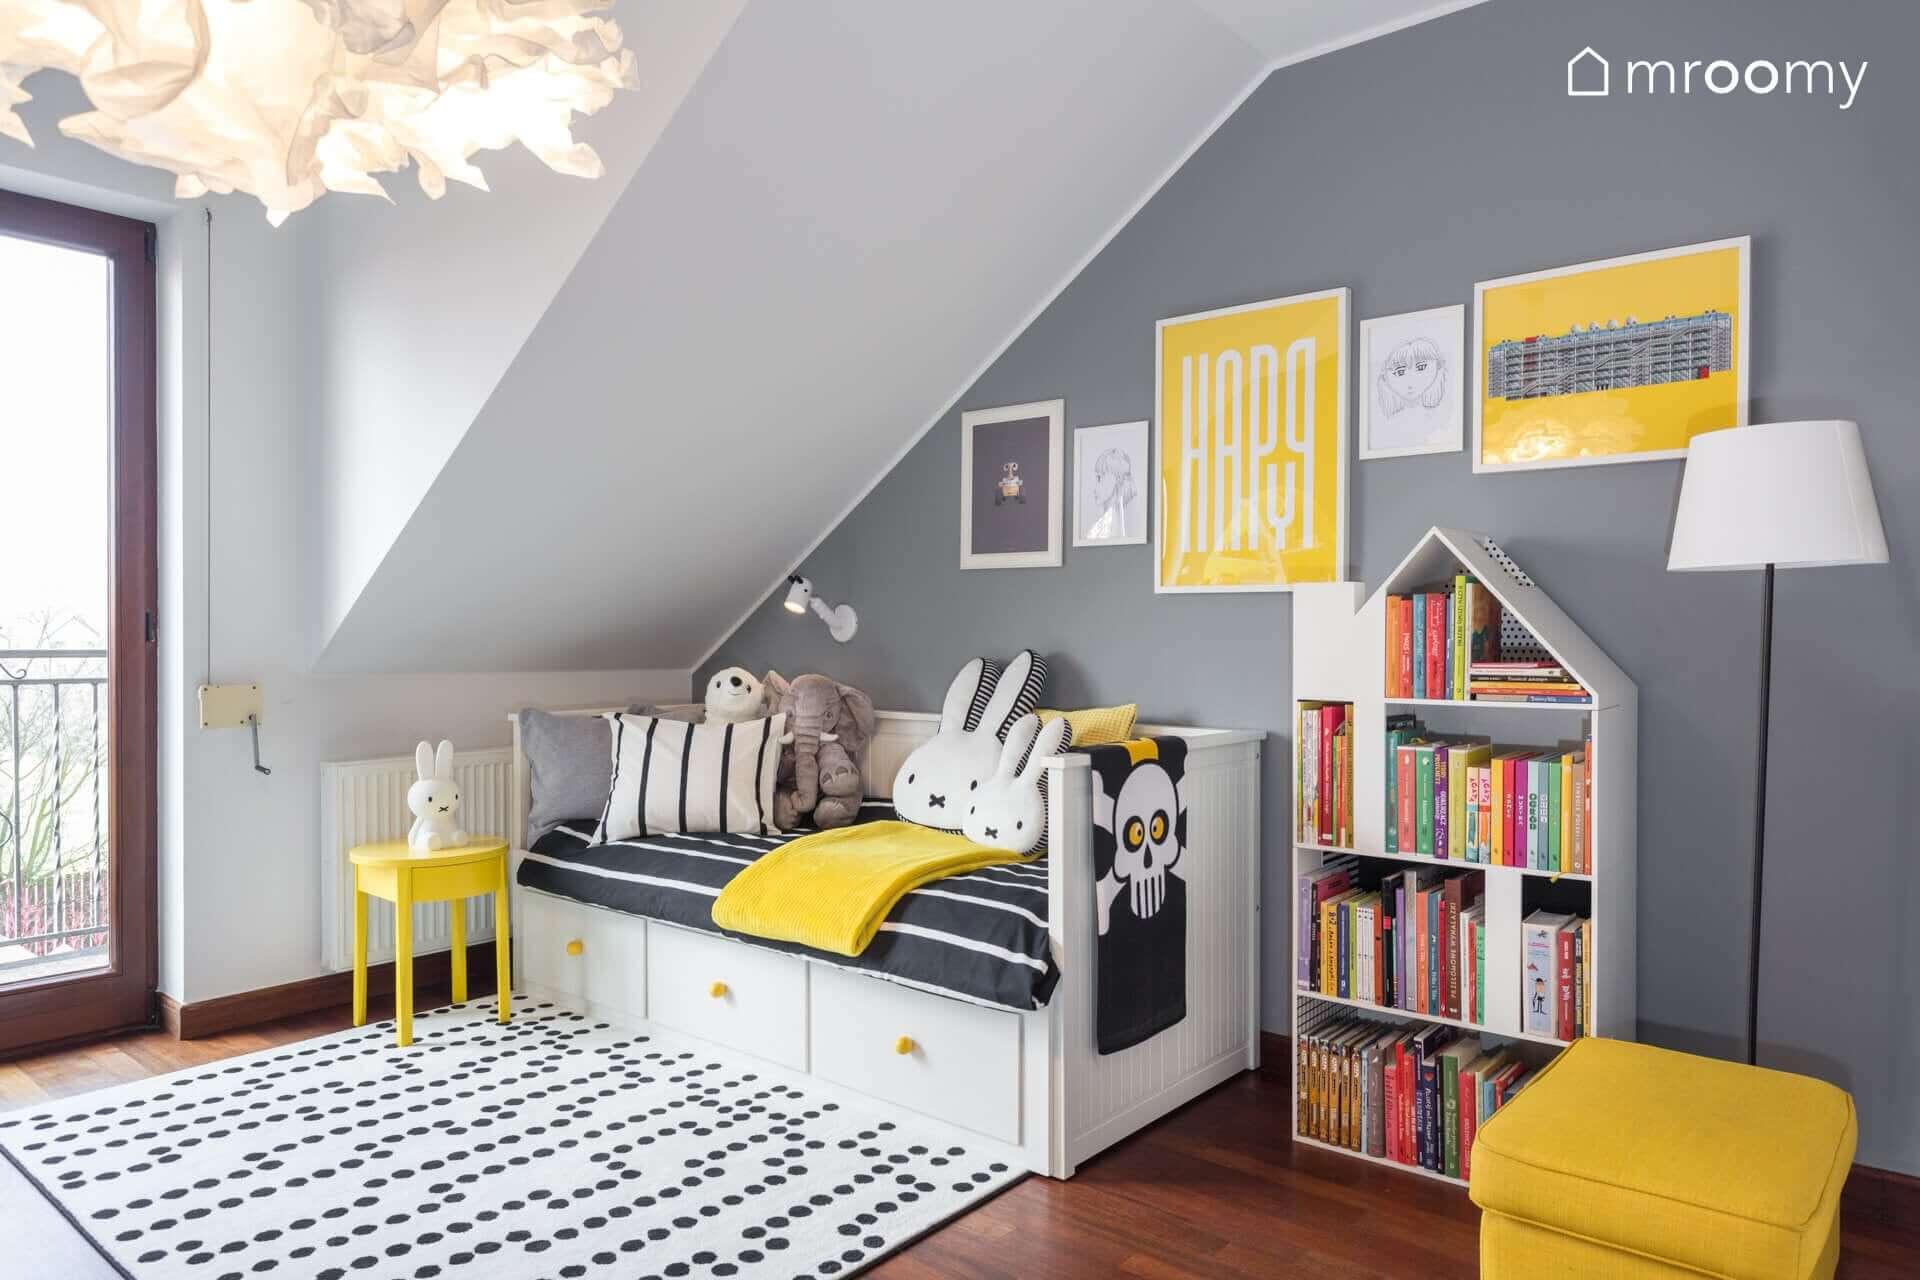 żółto czarny pokój dziewczynki 6 lat łóżko